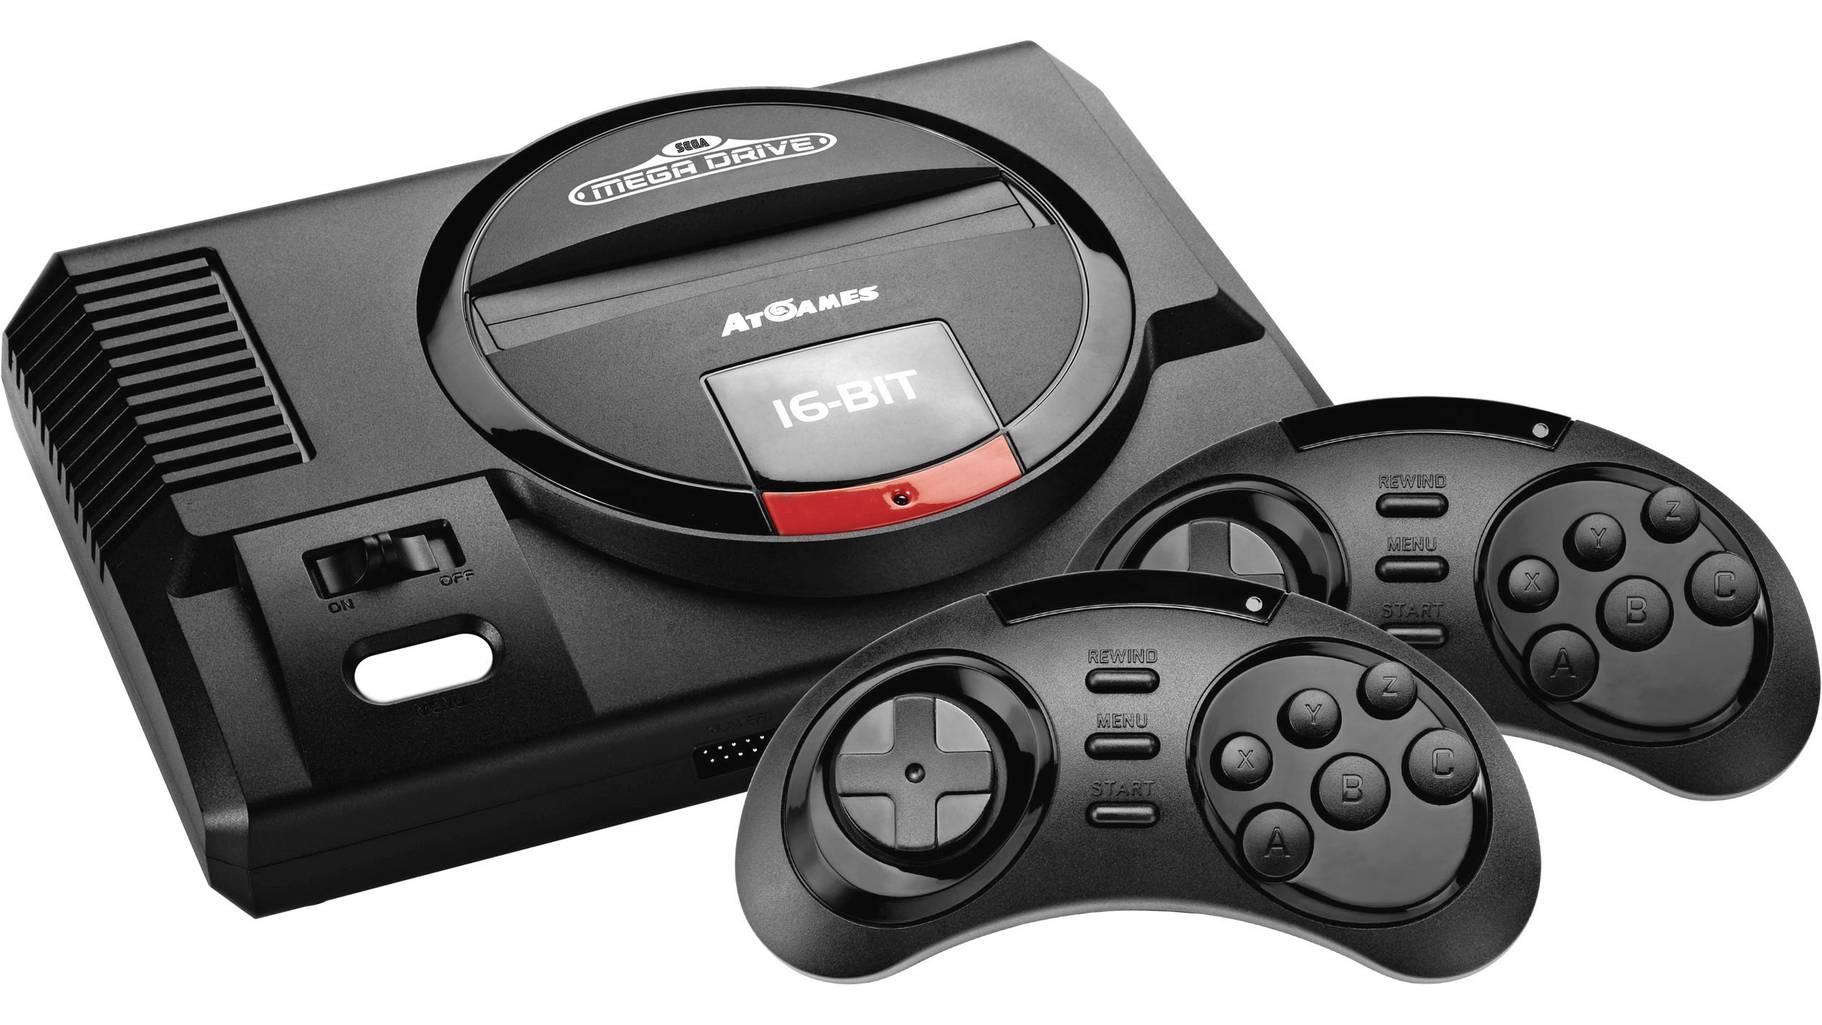 Retro-Konsole Sega Megadrive Flashback HD (720p-Auflösung, 2x Wireless Controller, Modulschacht, 82 Spiele, Speicher- & Rewind-Funktion)